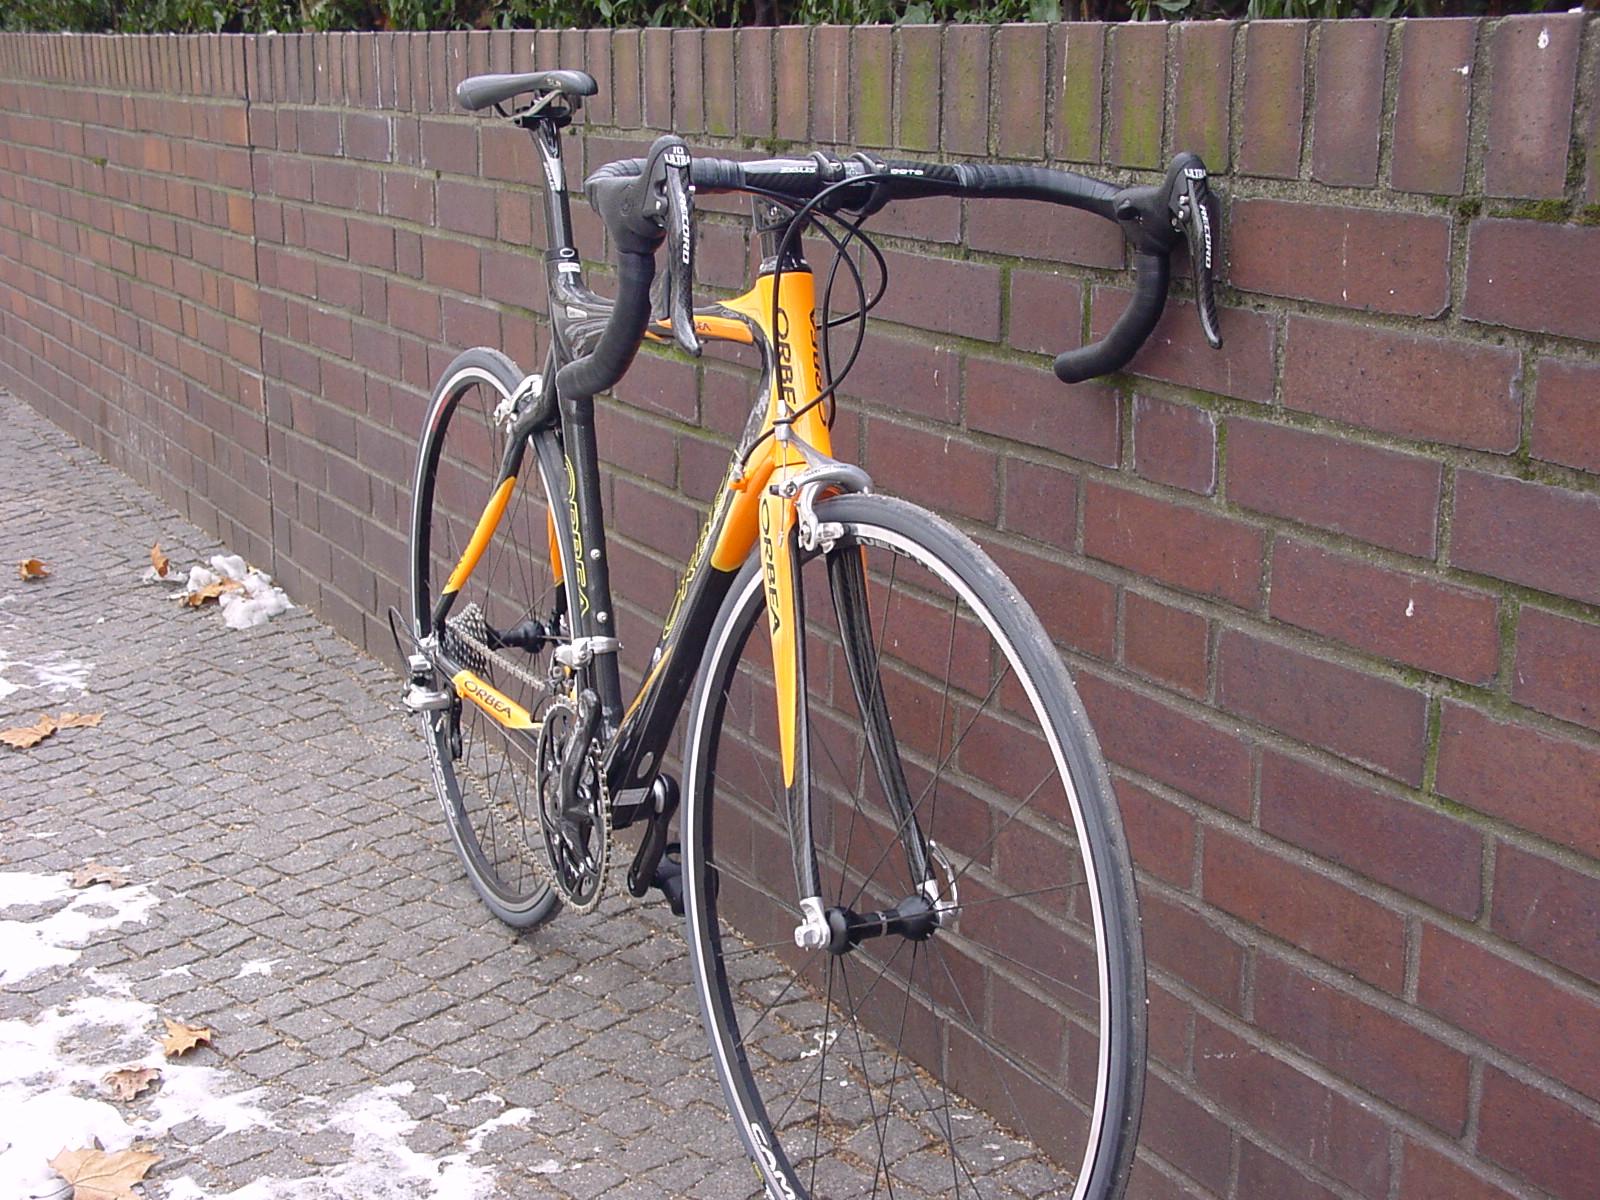 Fahrradgabel – Wikipedia